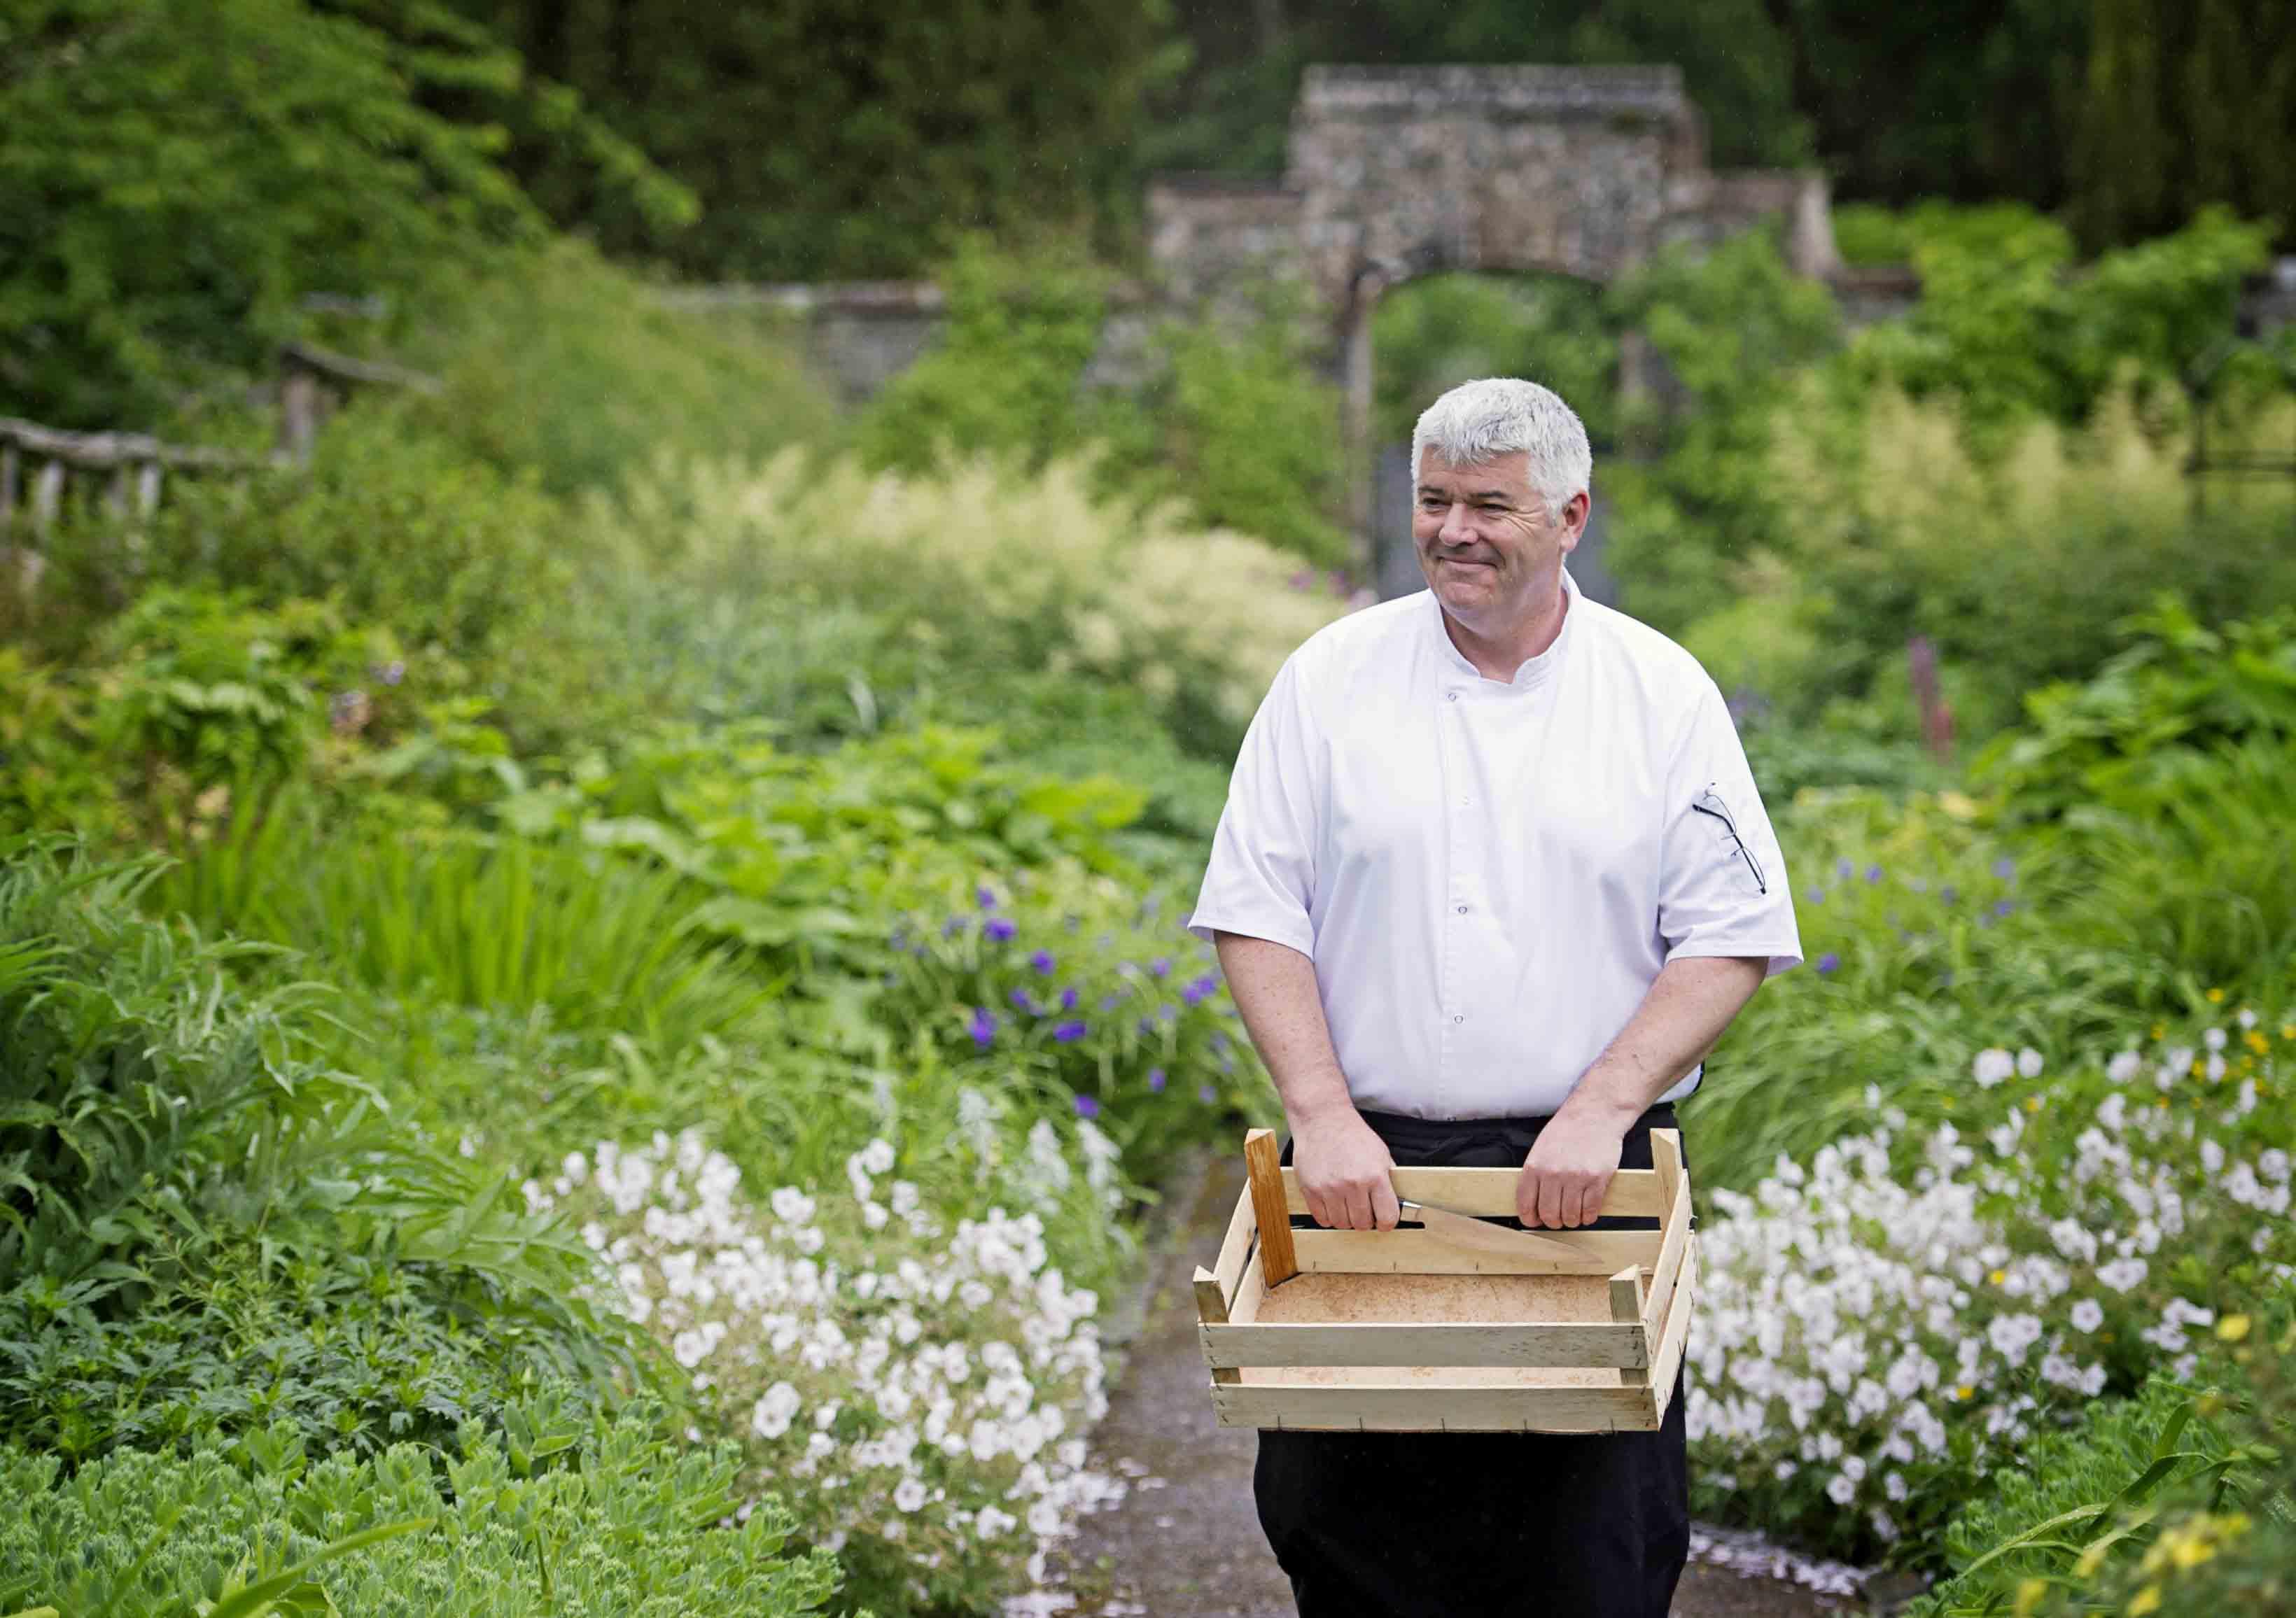 men in garden picking herbs